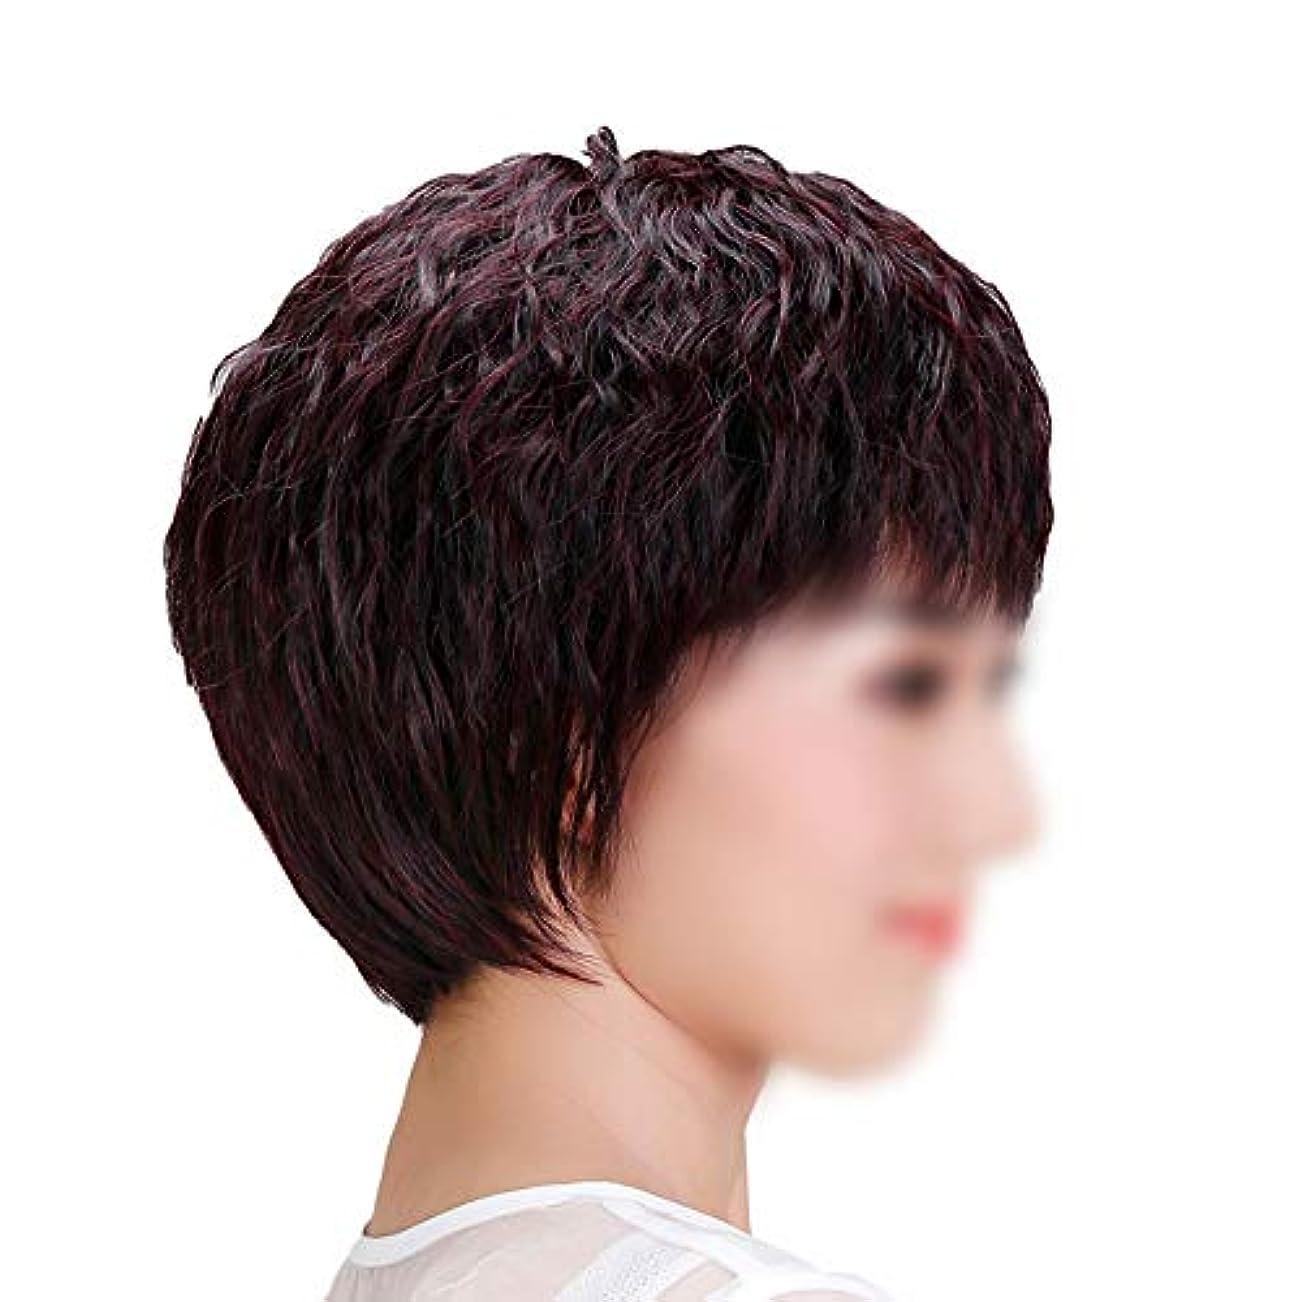 哲学的病な有害なYOUQIU 手織り女子ショートストレートヘアー中年ウィッグ母のギフトウィッグのための自然な人間の髪 (色 : Dark brown, サイズ : Mechanism)